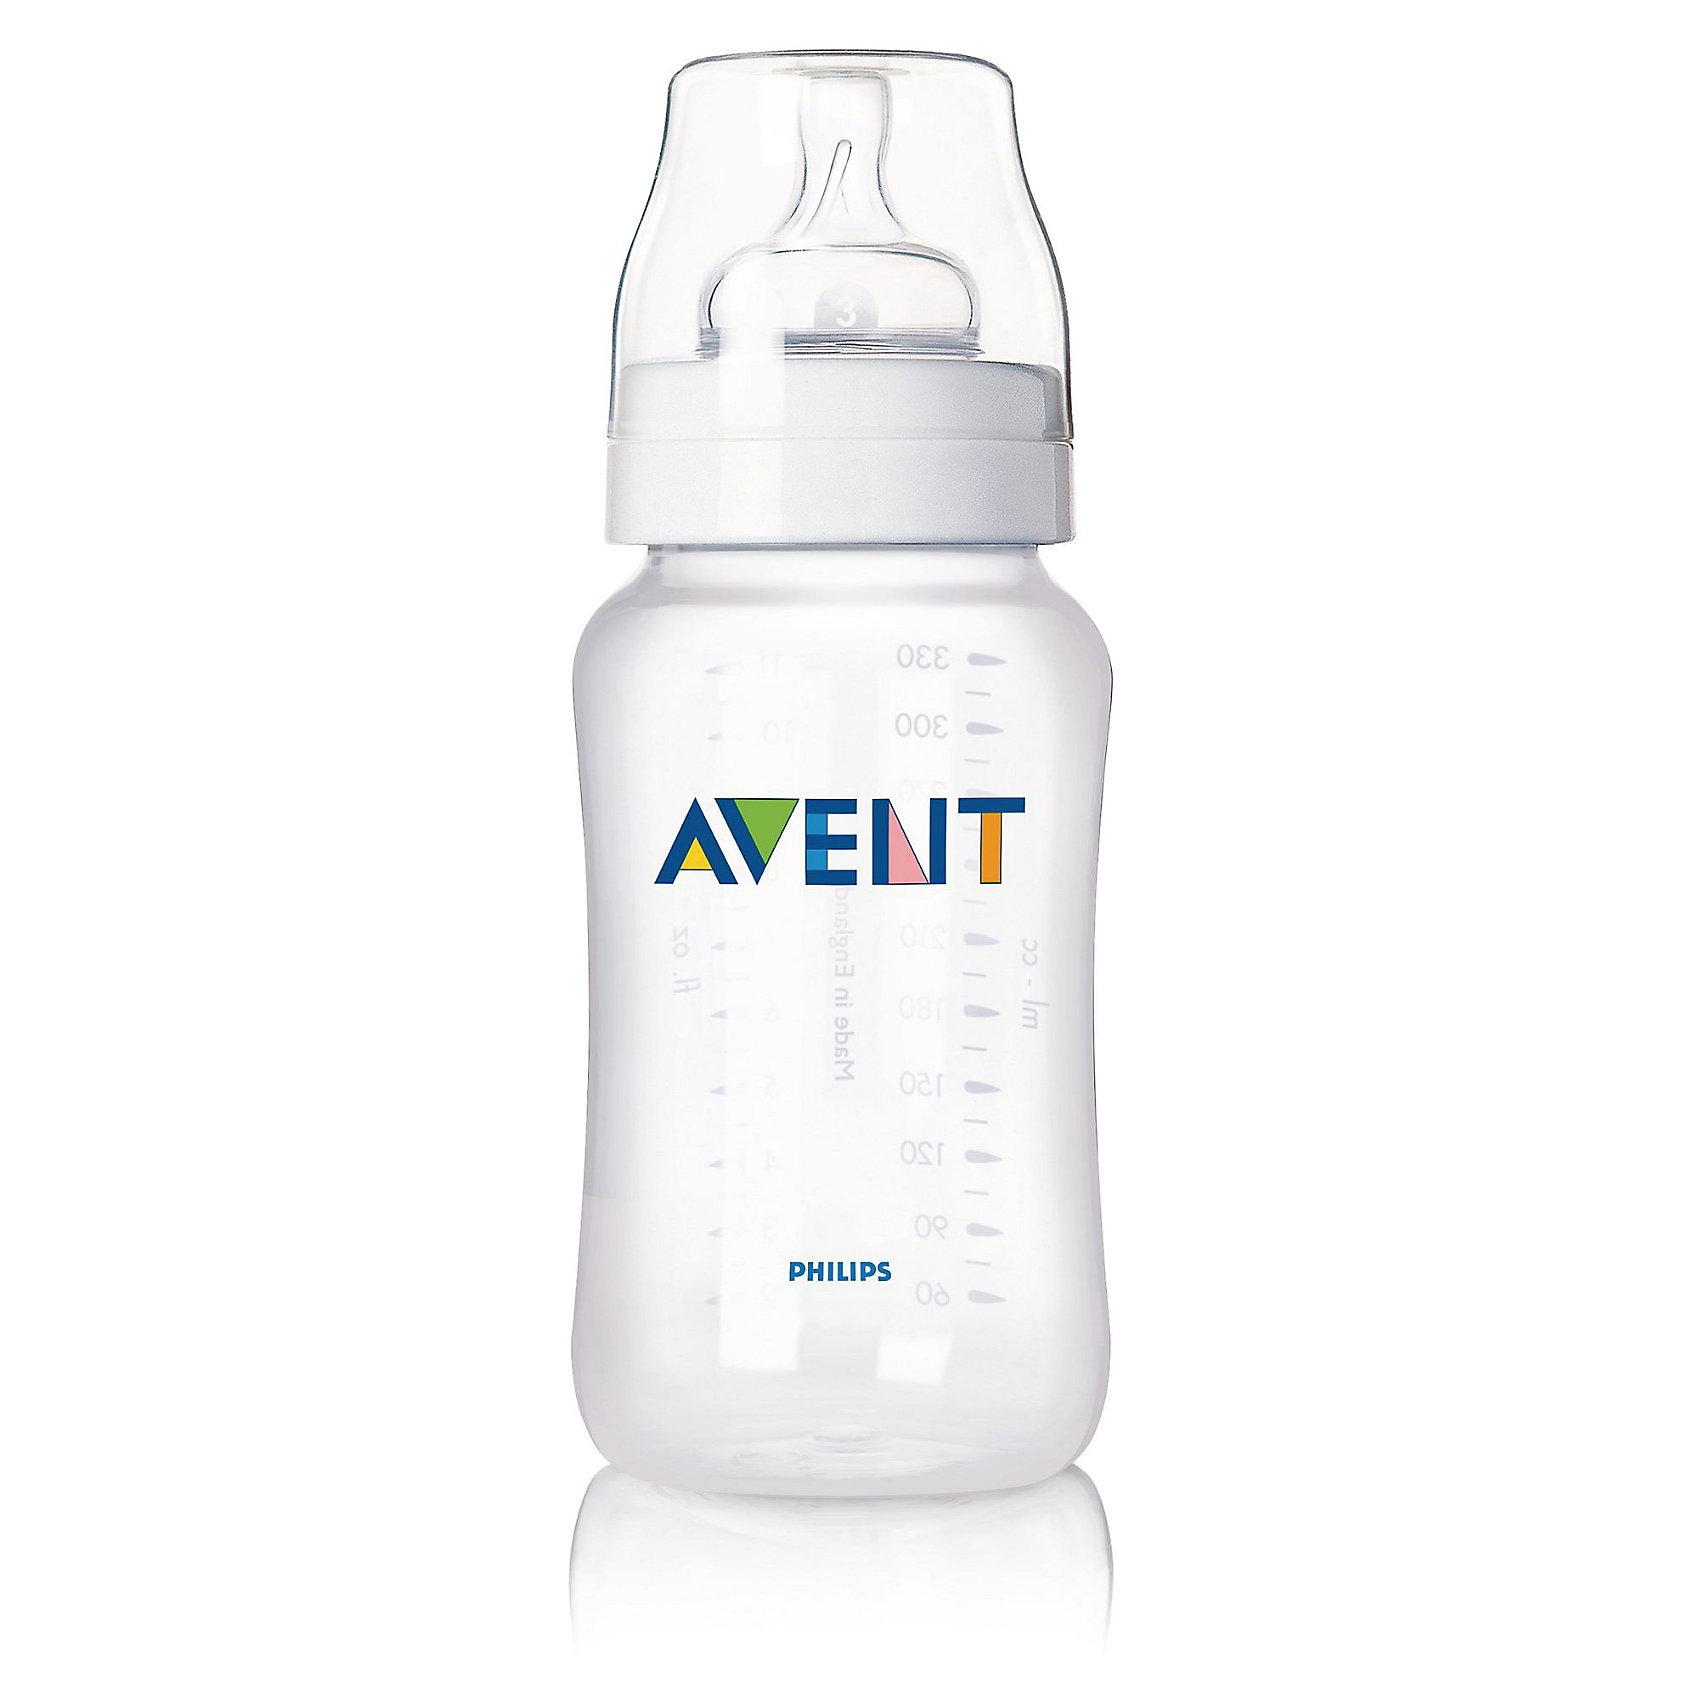 Бутылочка для кормления , 330 мл, РР, AVENT300 - 380 мл.<br>Бутылочки серии Классика 330 мл., 1 шт. (соска с переменным потоком) помогает легче совмещать грудное вскармливание и кормление из бутылочки и значительно снижает риск возникновения колик и беспокойства, особенно в ночное время. <br><br>Преимущества:<br>• Естественный захват благодаря широкой соске, повторяющей форму груди. Соска сгибается в соответствии с ритмом кормления<br>• Новая антиколиковая система с инновационным двойным клапаном <br>• Эргономичная форма для максимального комфорта<br>• Совместима с изделиями линейки Philips AVENT (Авент)<br>• Простота в использовании и очистке, быстрая и удобная сборка<br><br>Дополнительная информация:<br>• Бутылочка не содержит бисфенола-А<br>• Доступны соски с различной скоростью потока<br>• Всегда используйте соединительное кольцо<br>• Бутылочка состоит всего из трех компонентов, что облегчает очистку, <br>и имеет стандартный колпачок для гигиеничного хранения и транспортировки <br>• В комплекте: бутылочка для кормления 1 шт.<br><br>Рекомендуемый возраст: 0-6 мес.<br><br>Ширина мм: 70<br>Глубина мм: 190<br>Высота мм: 70<br>Вес г: 137<br>Возраст от месяцев: 0<br>Возраст до месяцев: 36<br>Пол: Унисекс<br>Возраст: Детский<br>SKU: 2388166